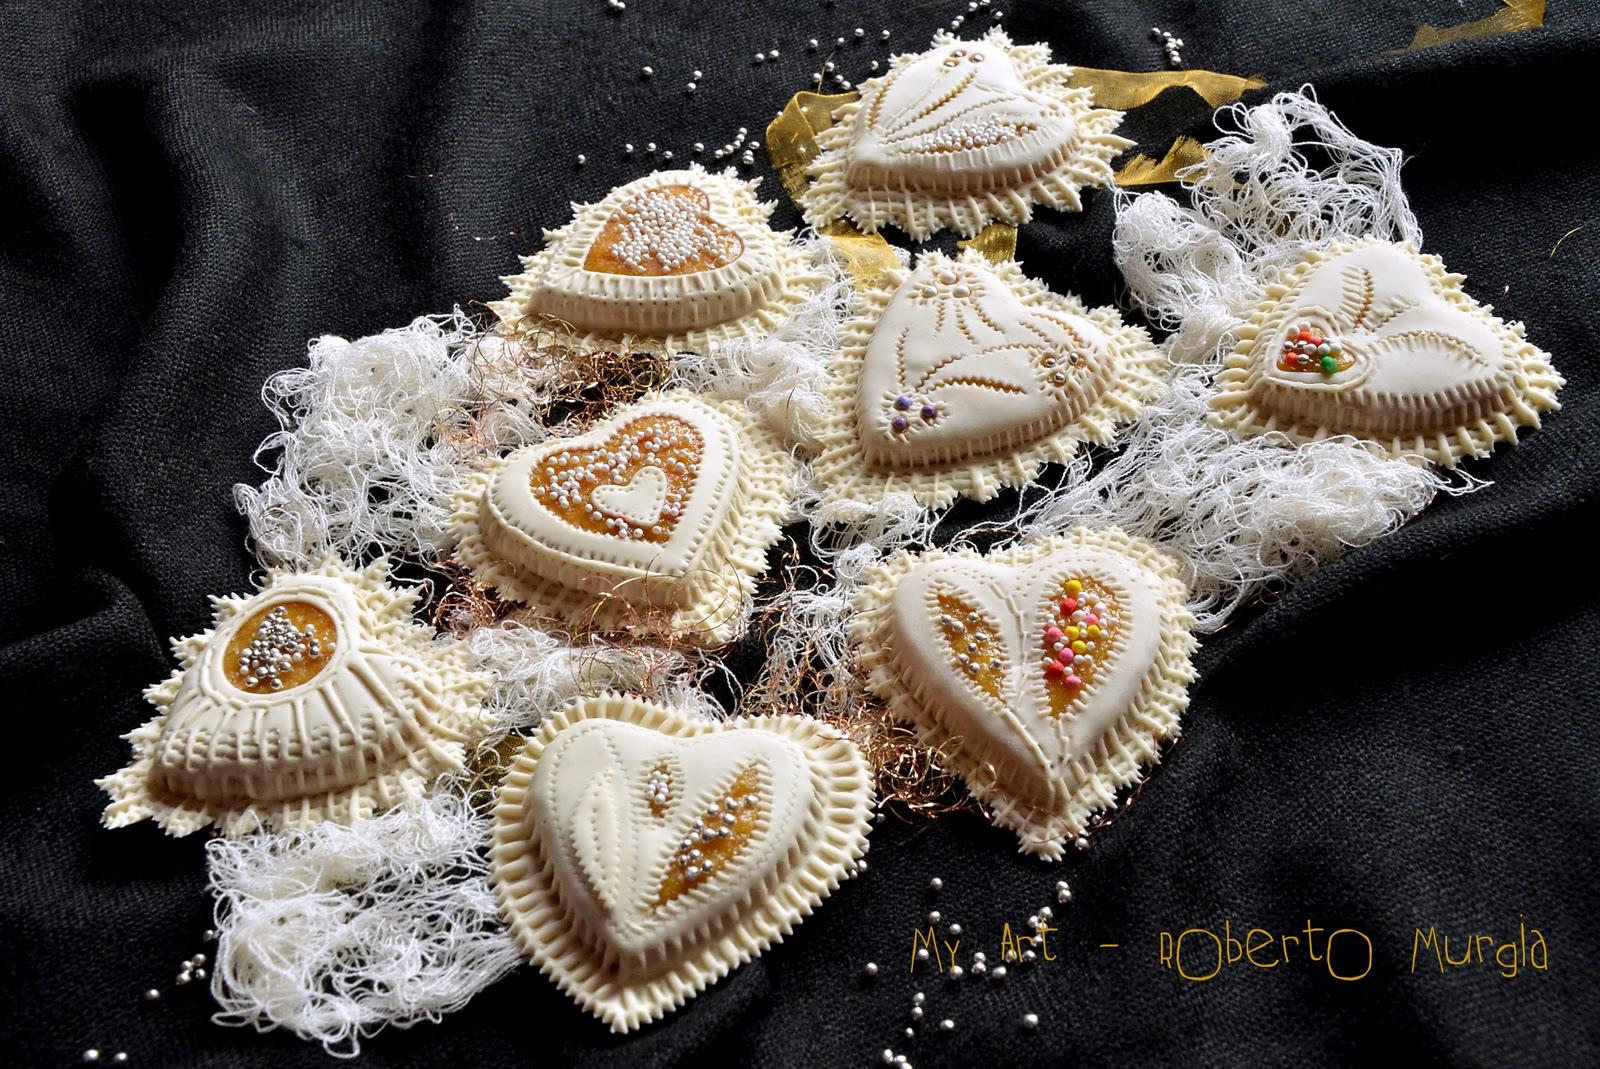 My art roberto murgia coricheddos for Ricette dolci sardi